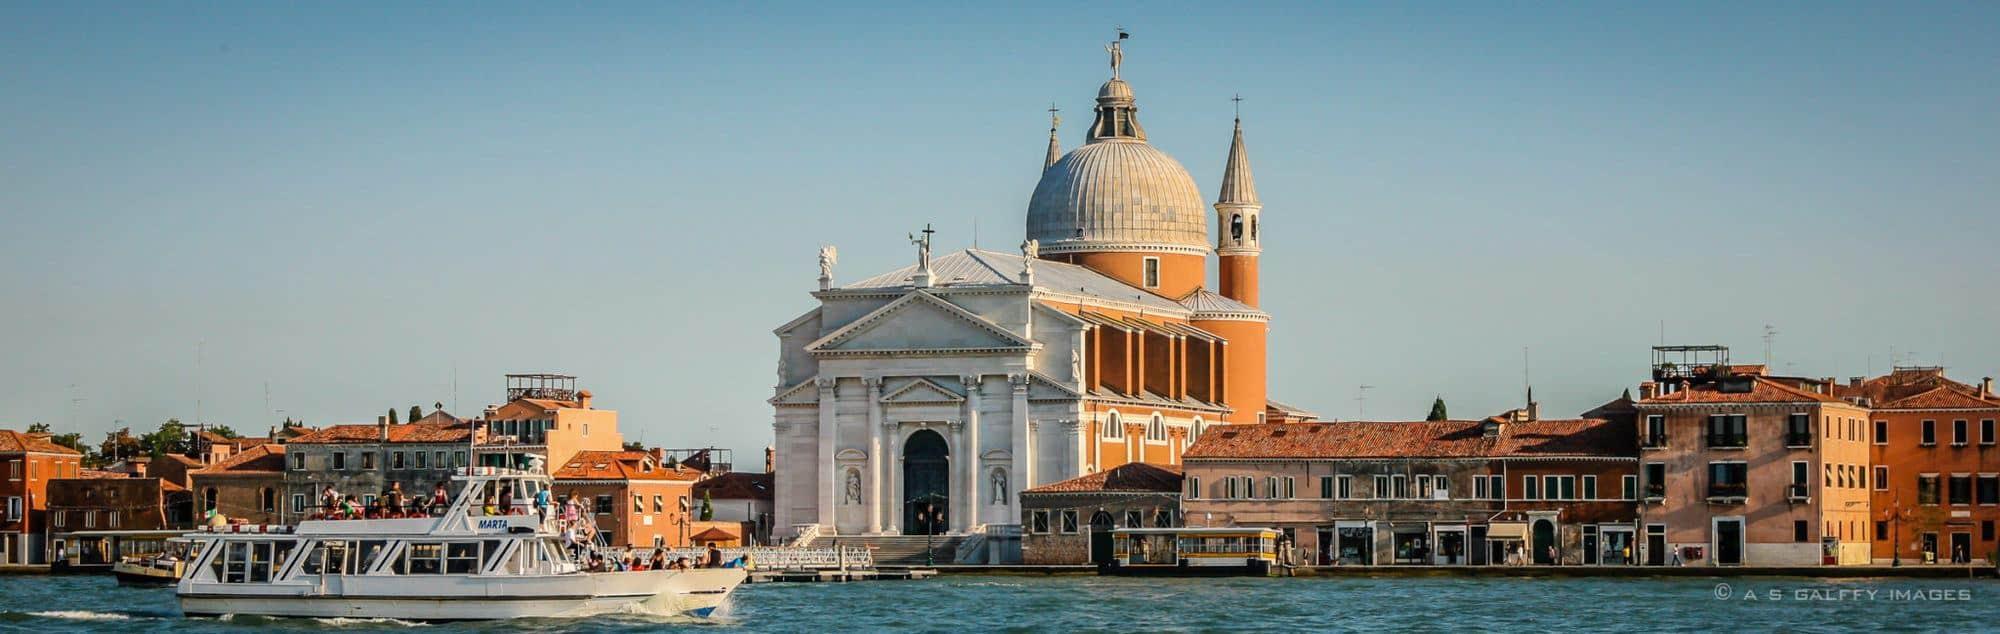 venezia-2